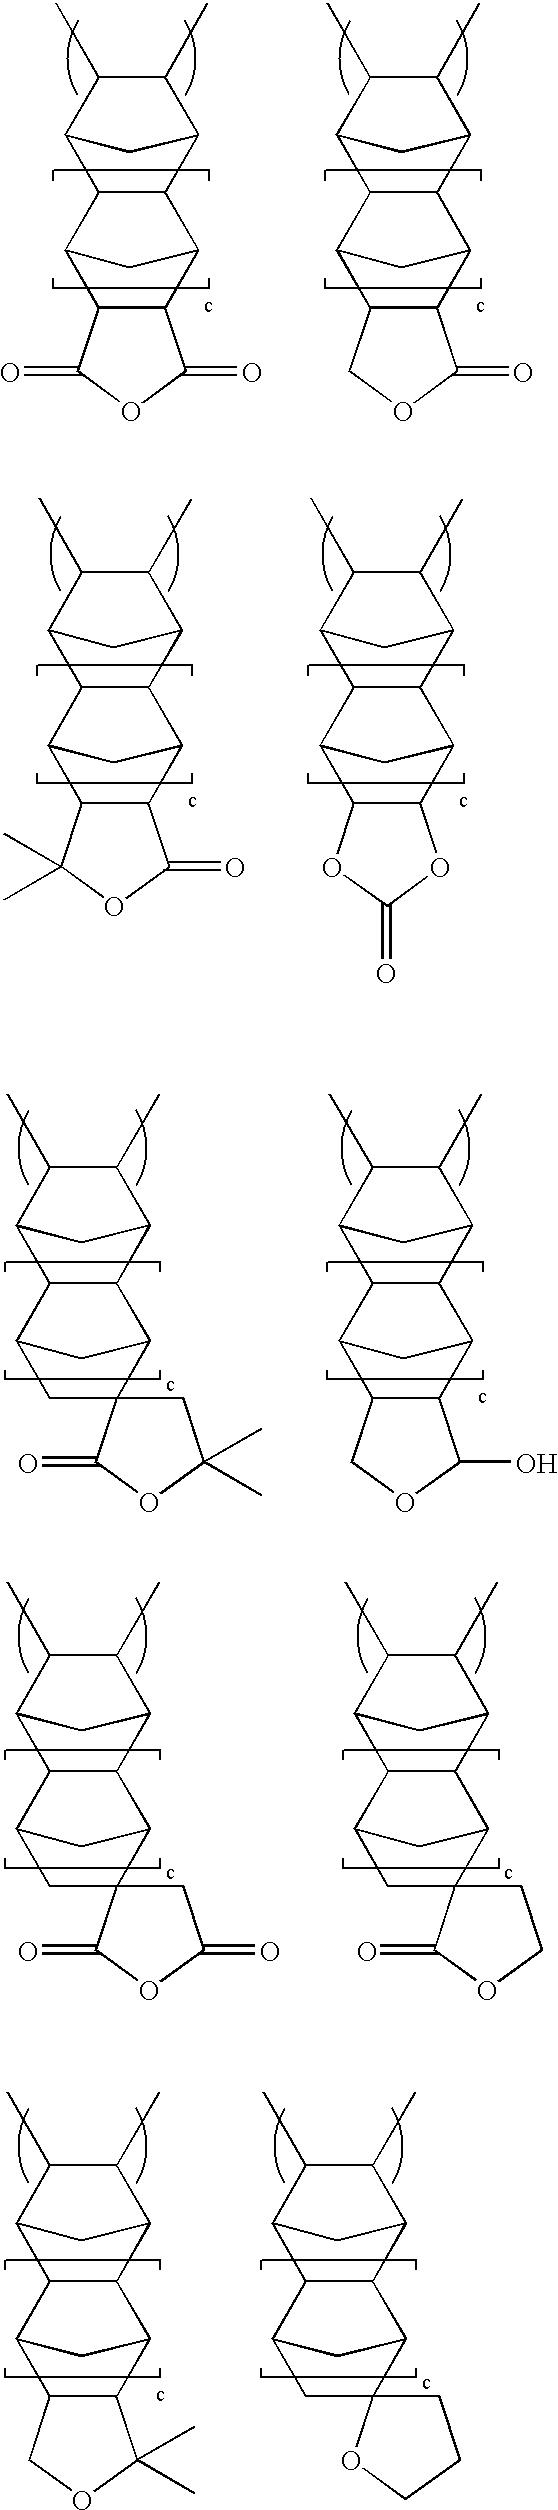 Figure US06864037-20050308-C00017